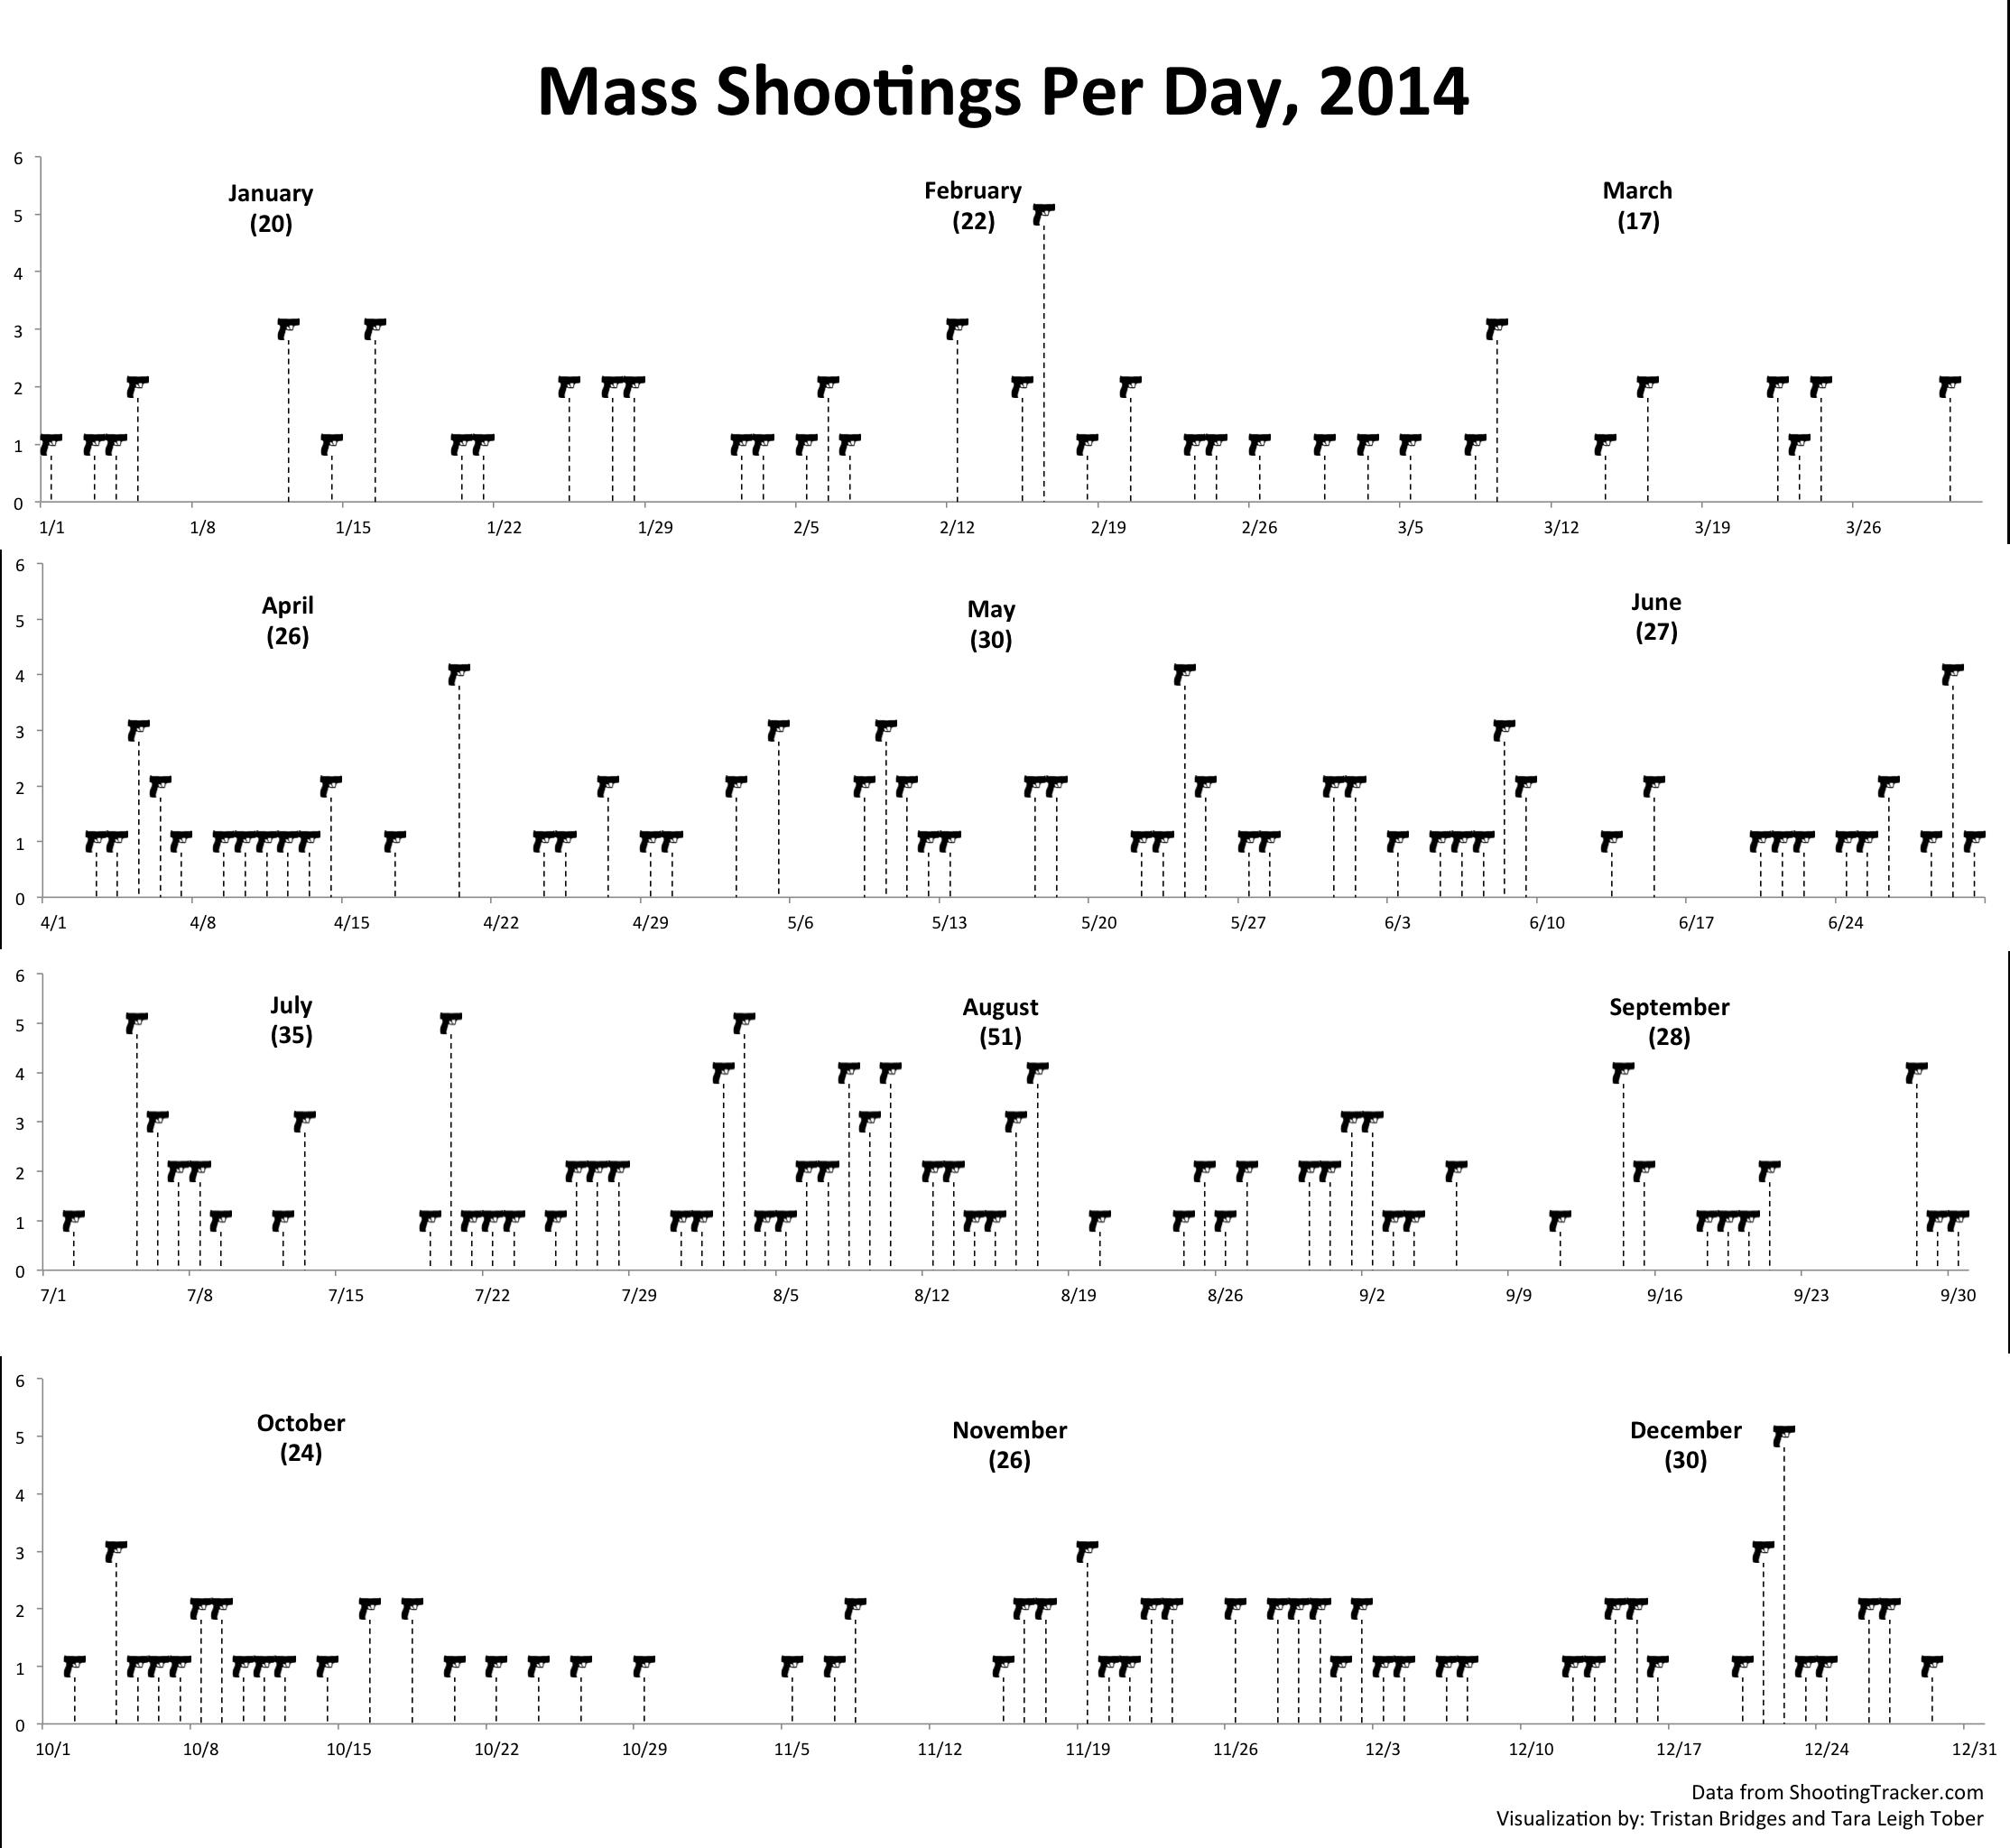 Mass Shootings 2014